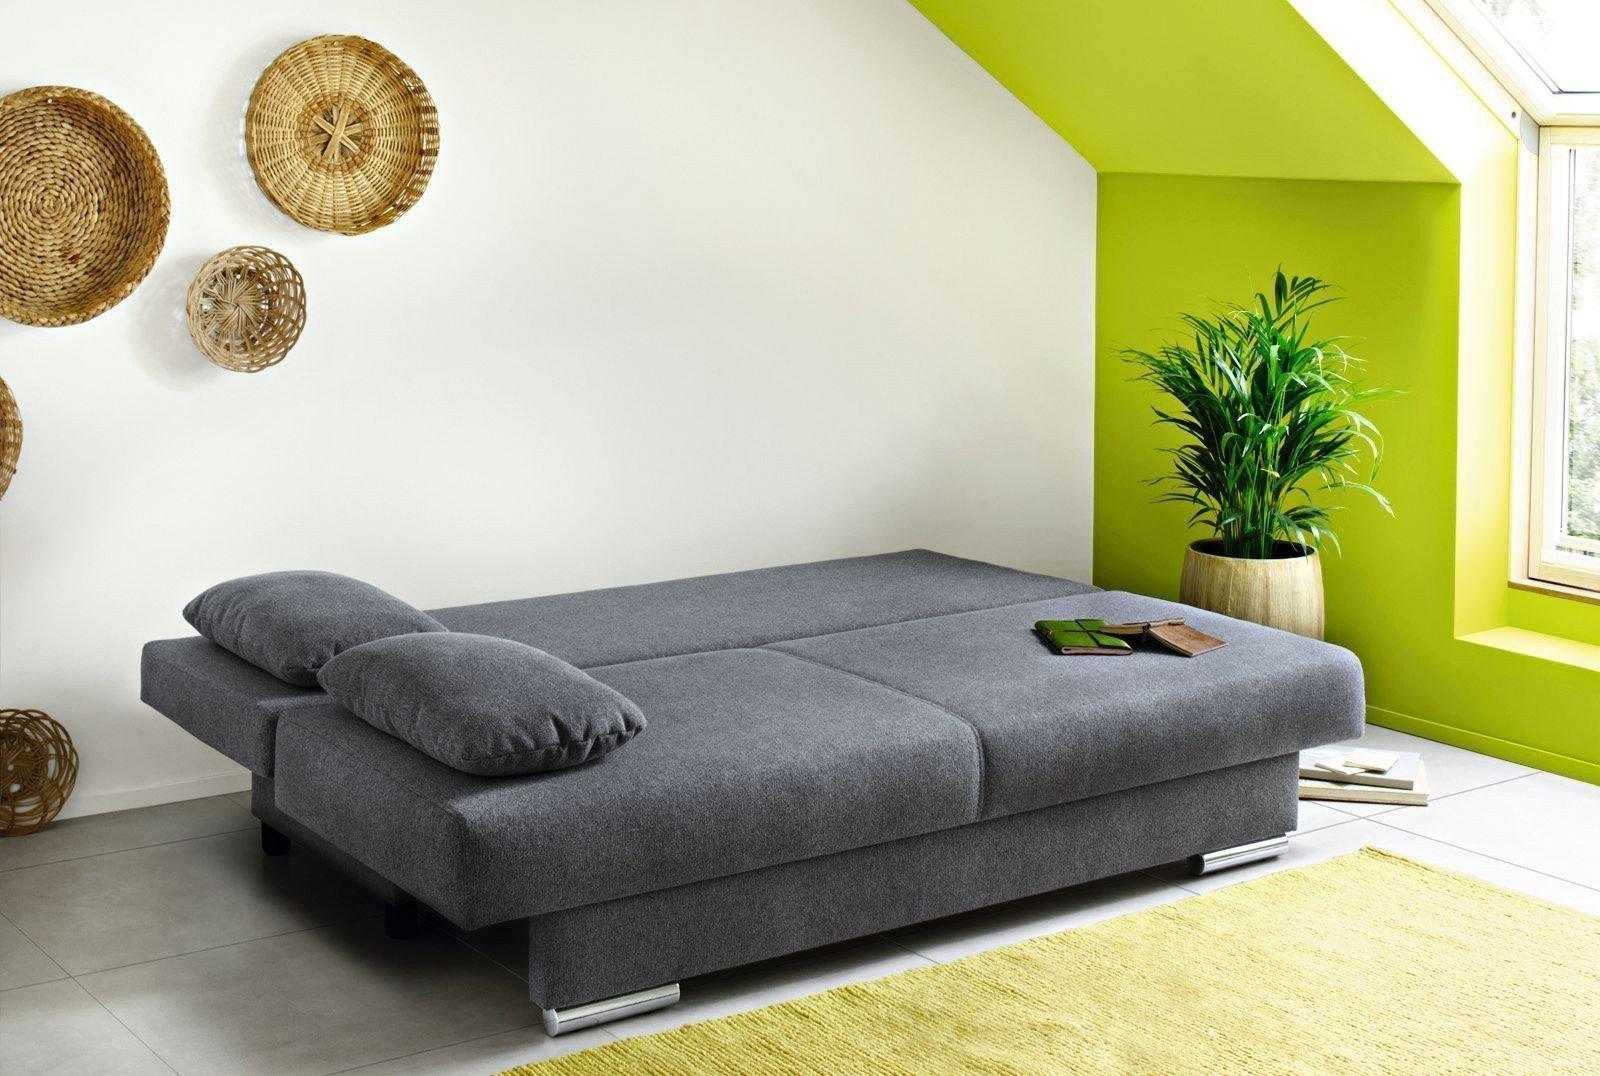 jockenh fer griffin angel schlafsofa mit bettkasten m bel letz ihr online shop. Black Bedroom Furniture Sets. Home Design Ideas